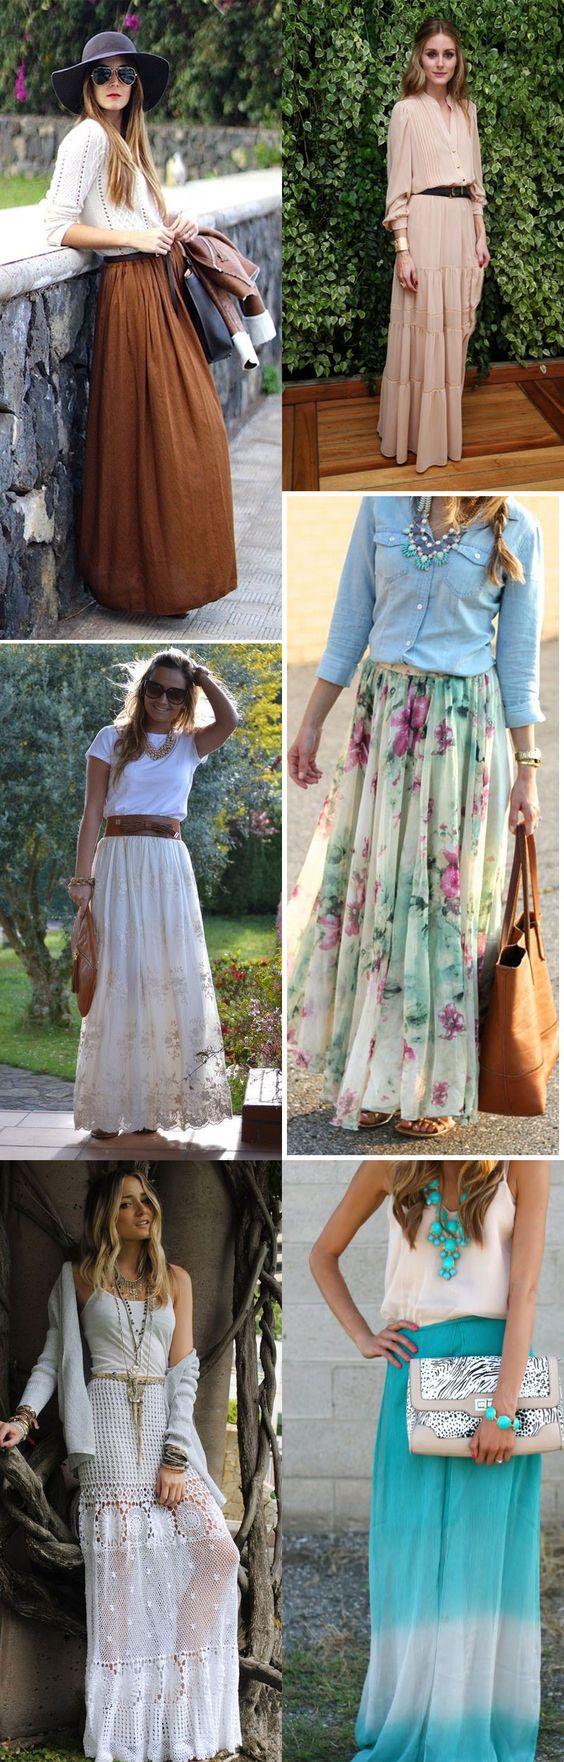 Sainas longas: como vestir e onde comprar! O Achados de Fast Fashion dessa semana vem com várias opções de saias longas lindas e baratas, como a gente gosta: